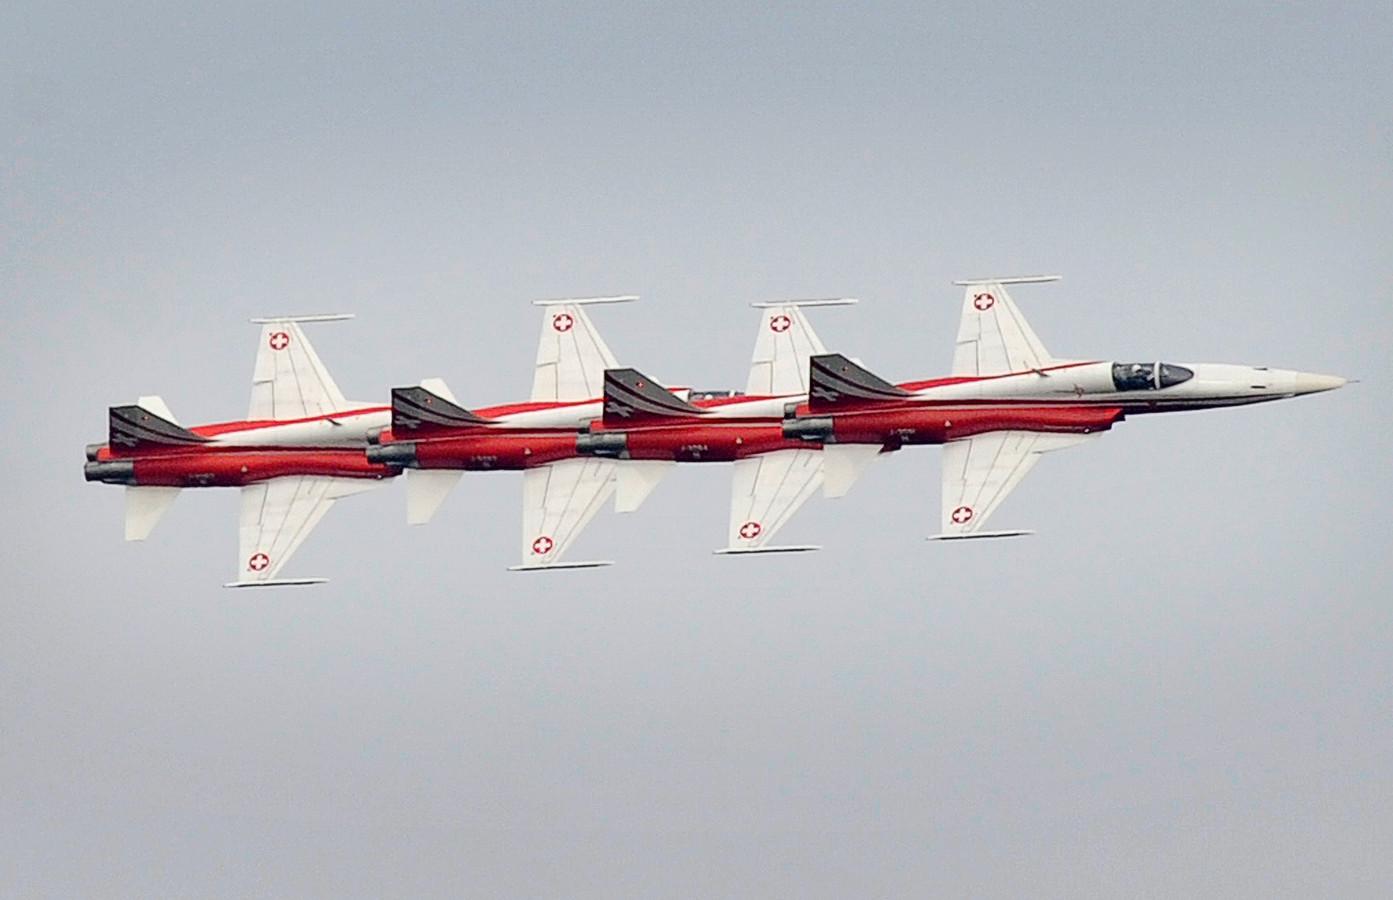 Vandaag en morgen wordt er boven Volkel al volop geoefend voor de Luchtmachtdagen.